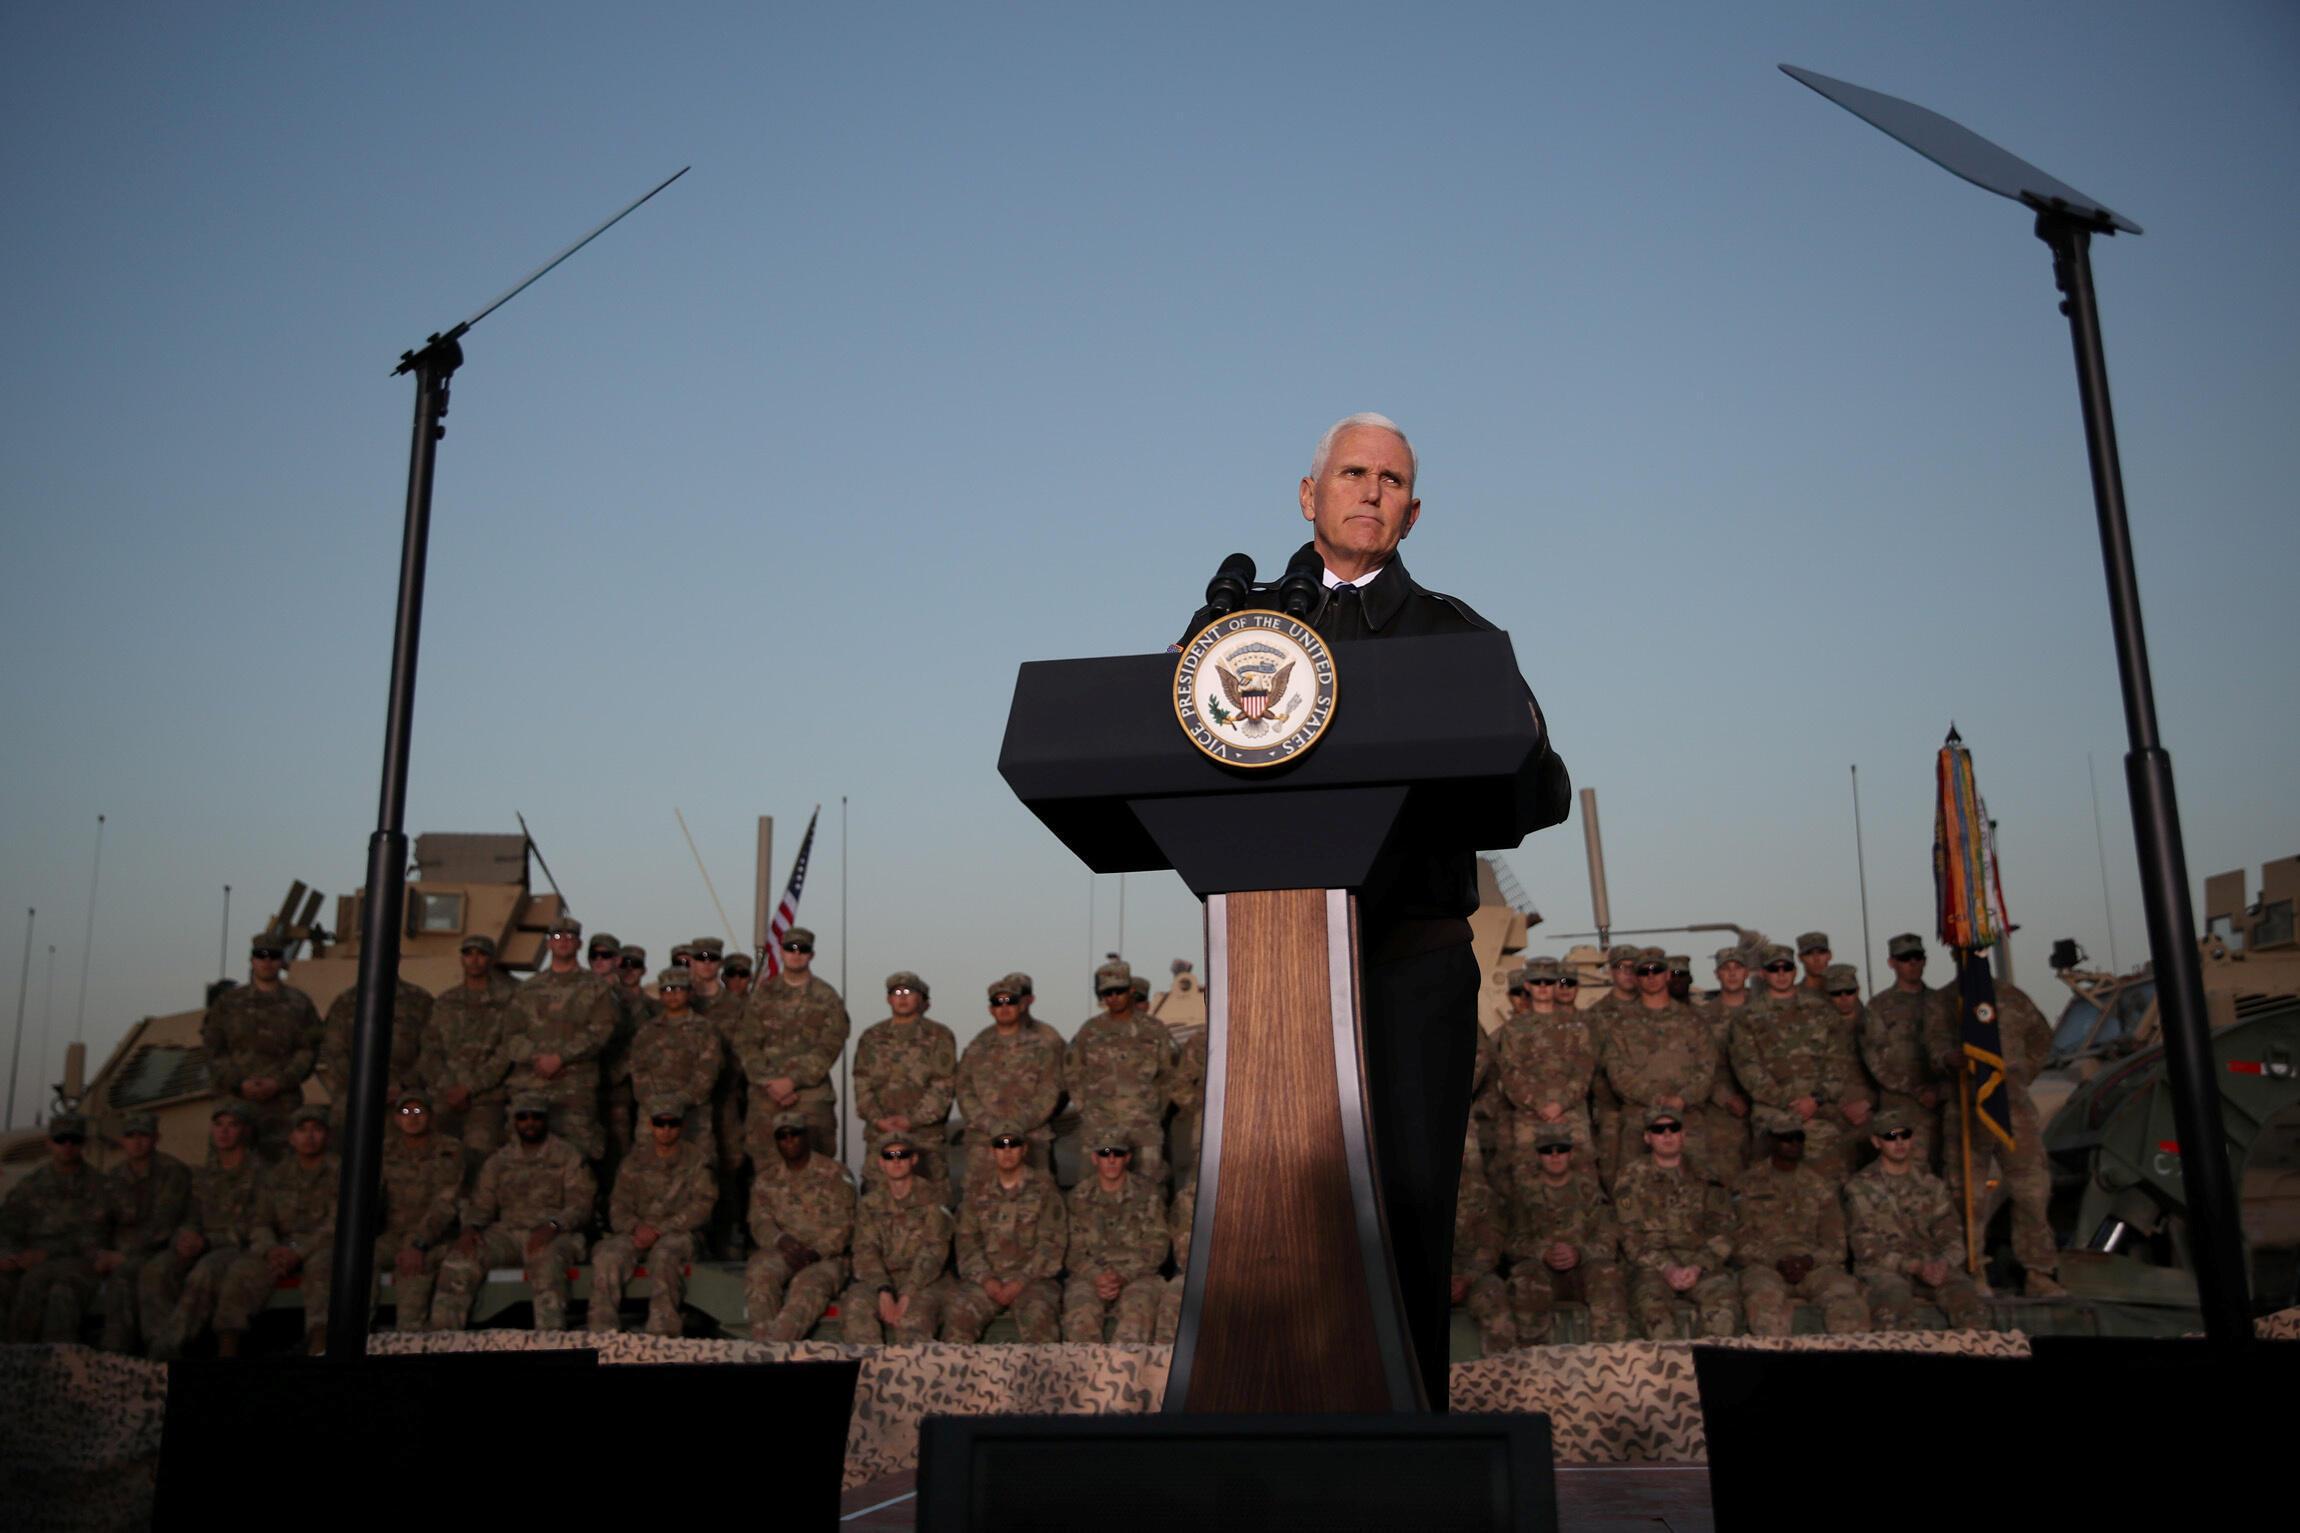 Phó tổng thống Mỹ, Mike Pence đến thăm binh sĩ Mỹ tại sân bay Erbil, Irak, ngày 23/11/2019.